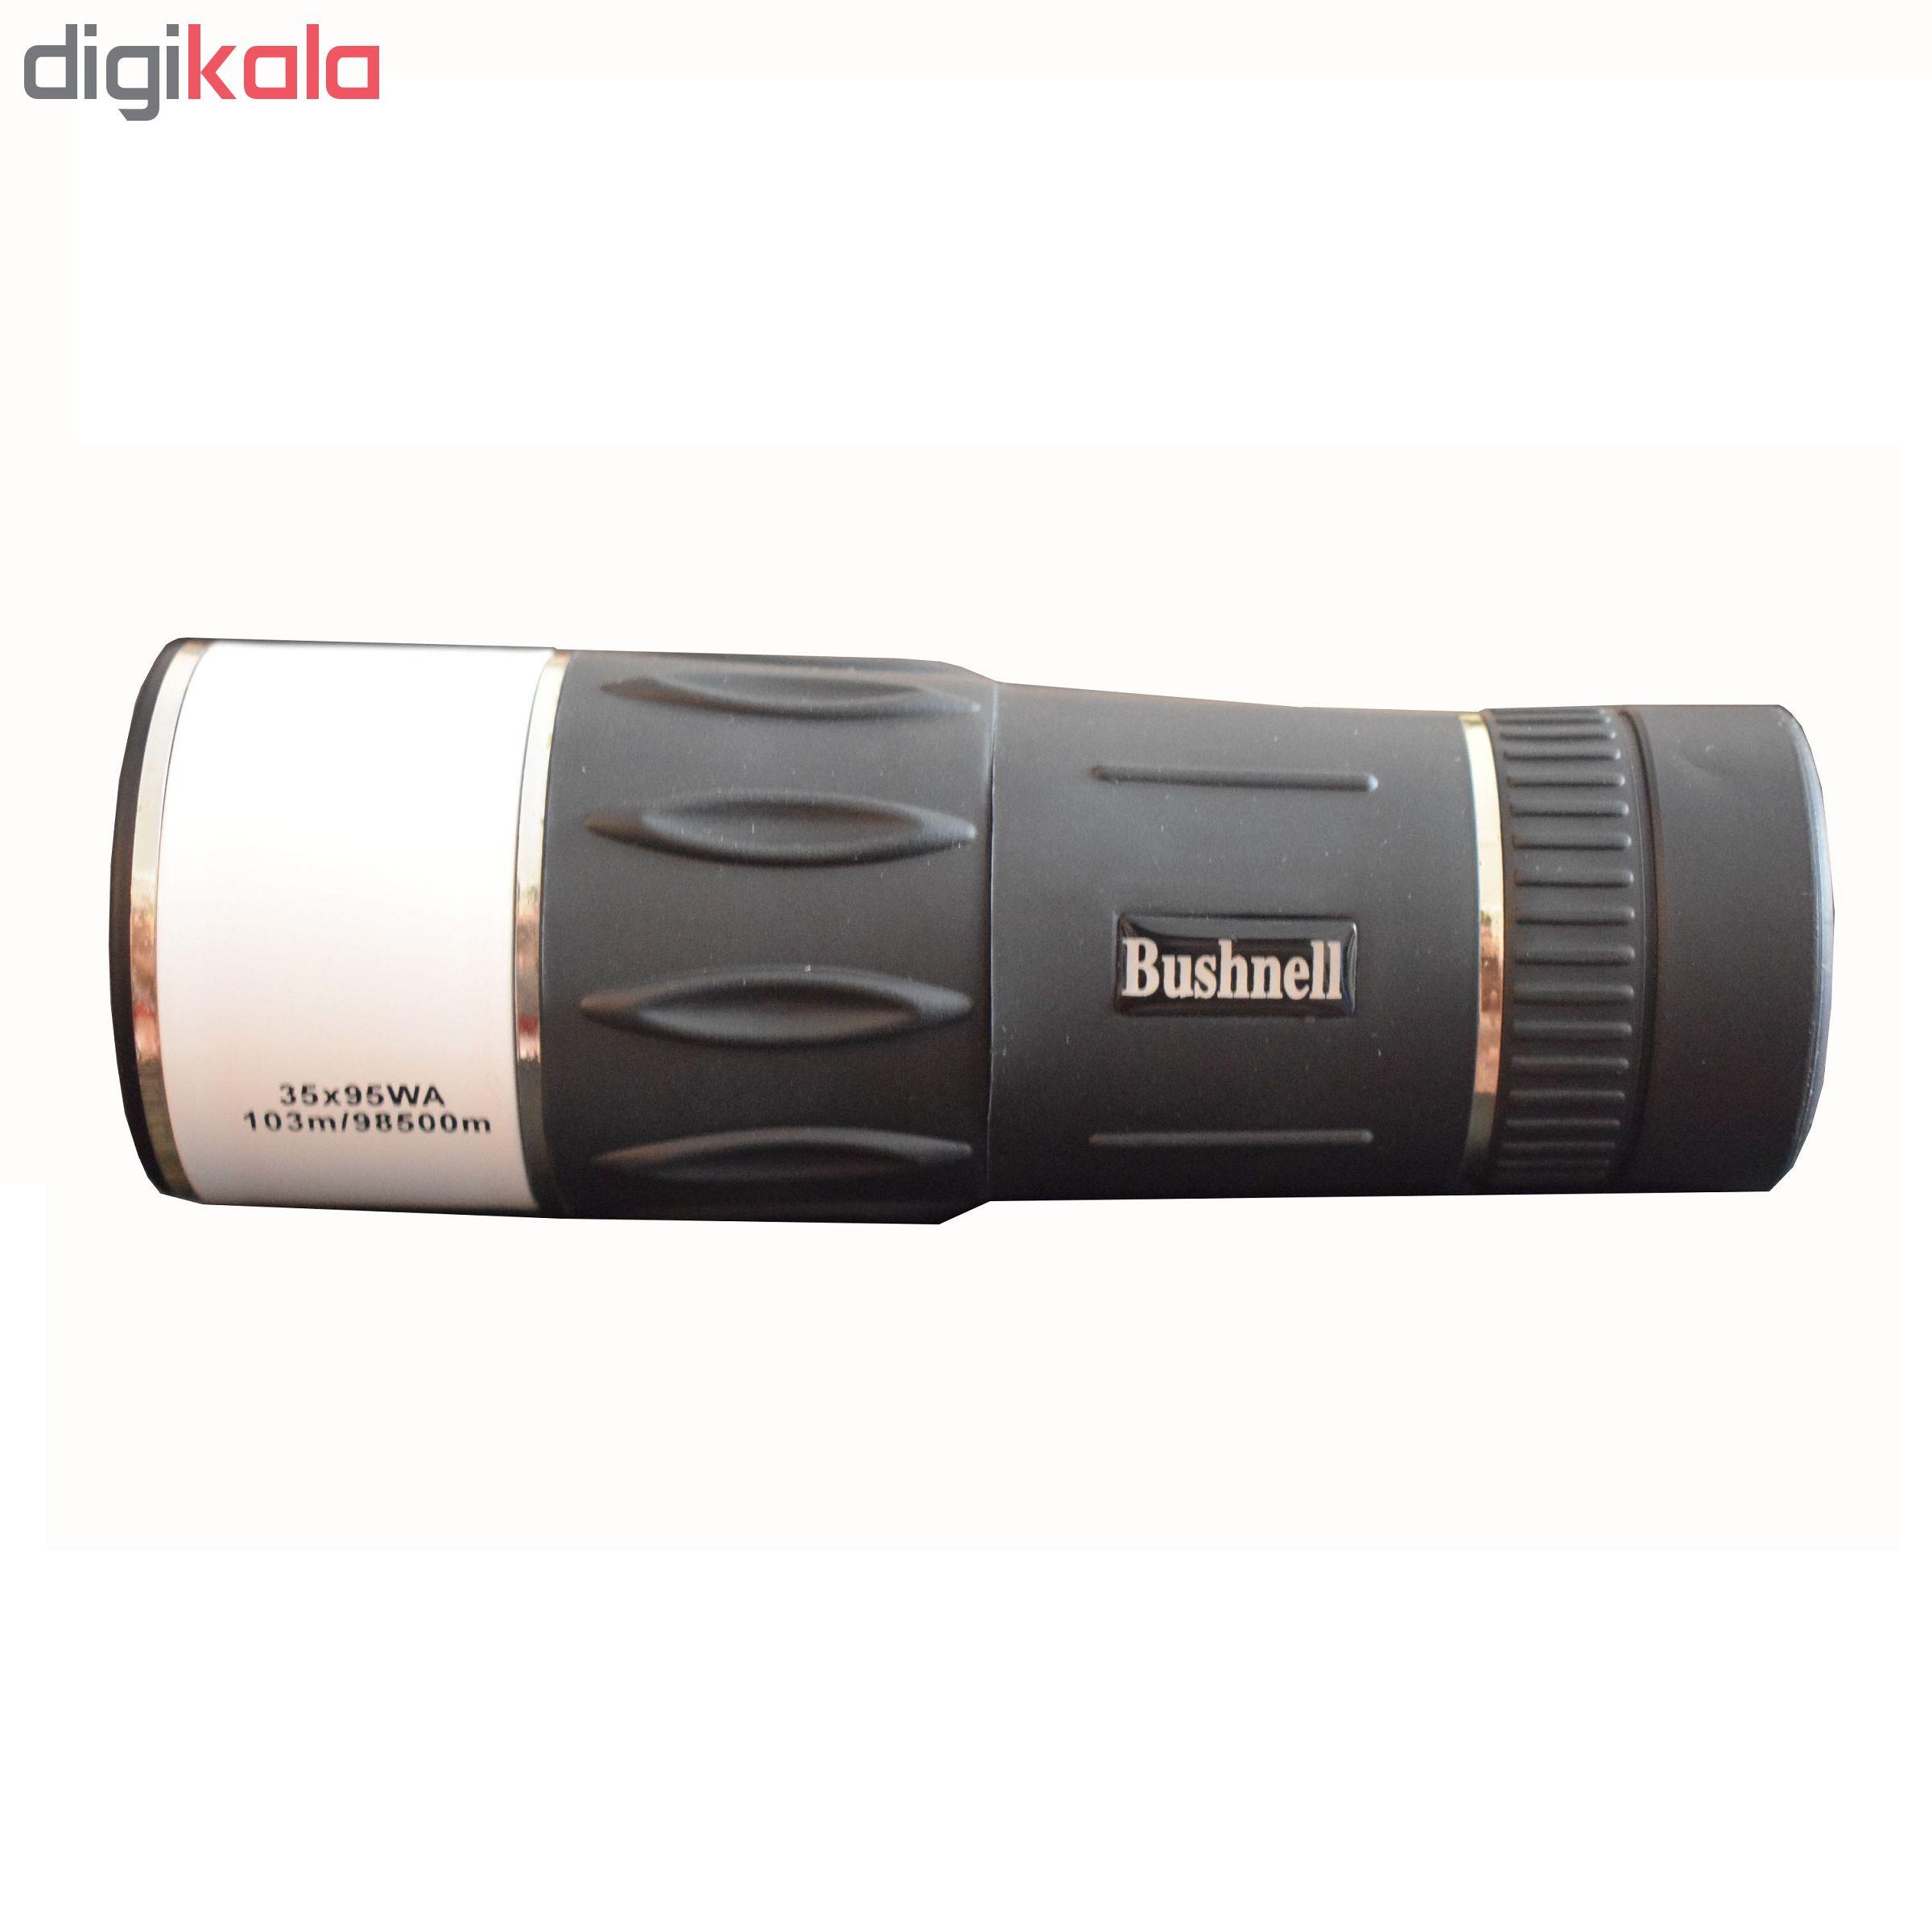 دوربین تک چشمی بوشنل  مدل A-Monoc25